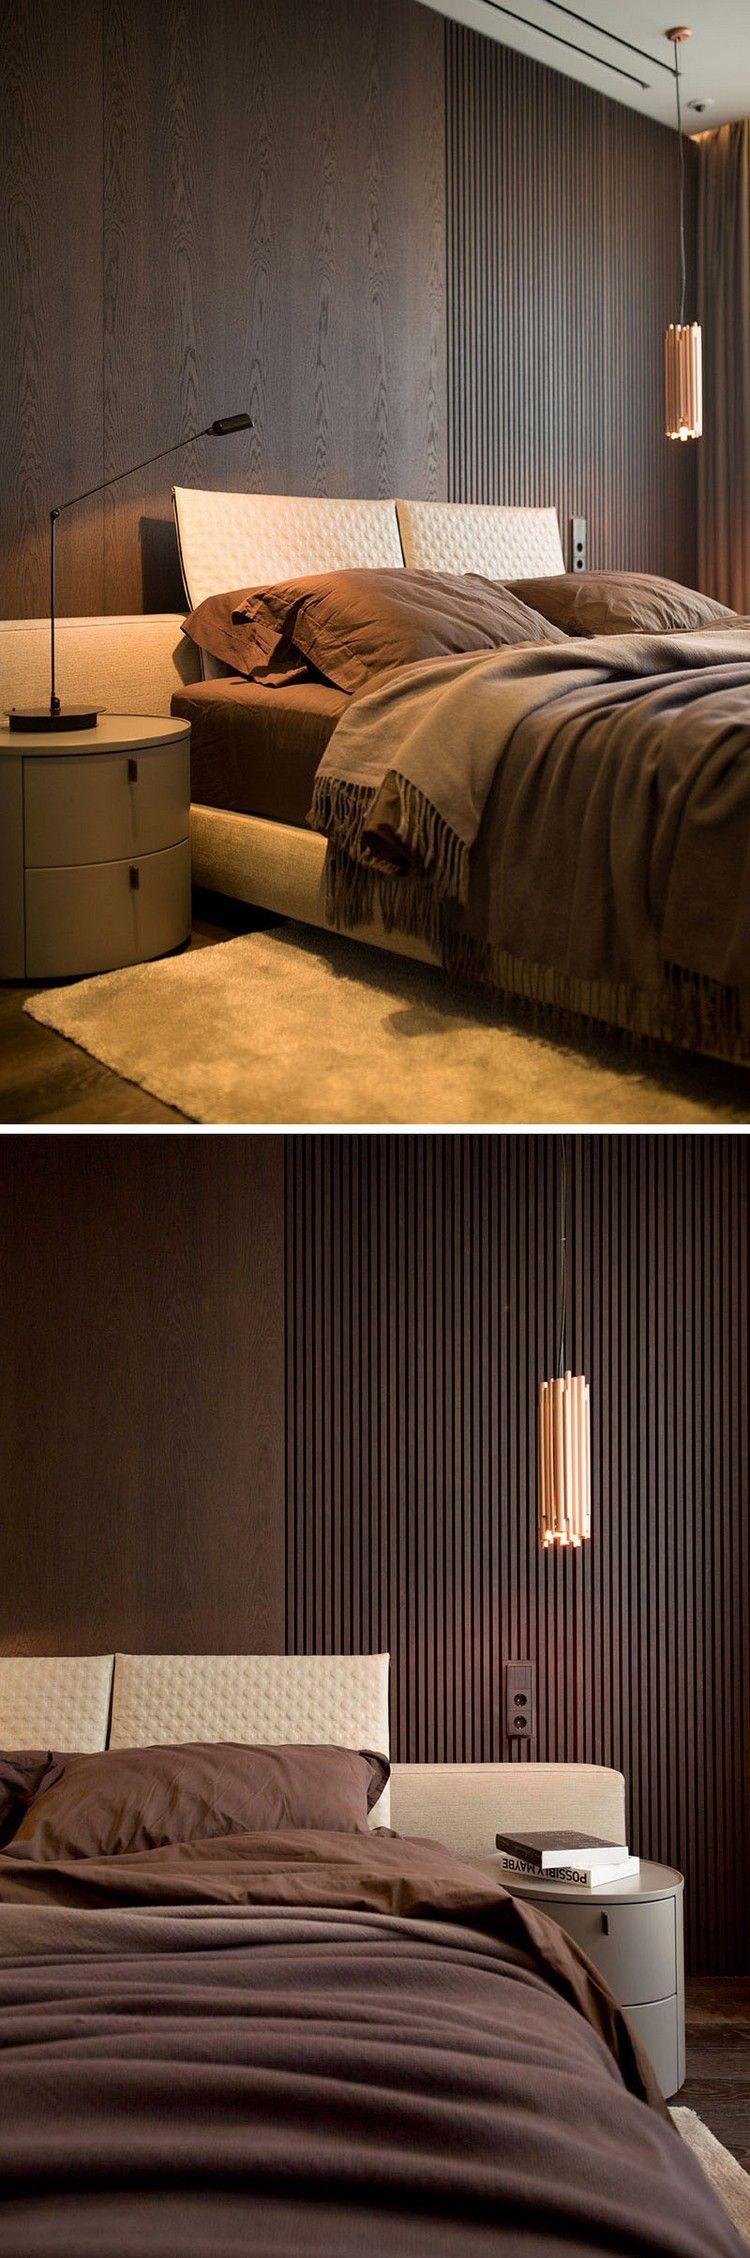 modernes schlafzimmer dunkles holz wandverkleidung pendelleuchte ...